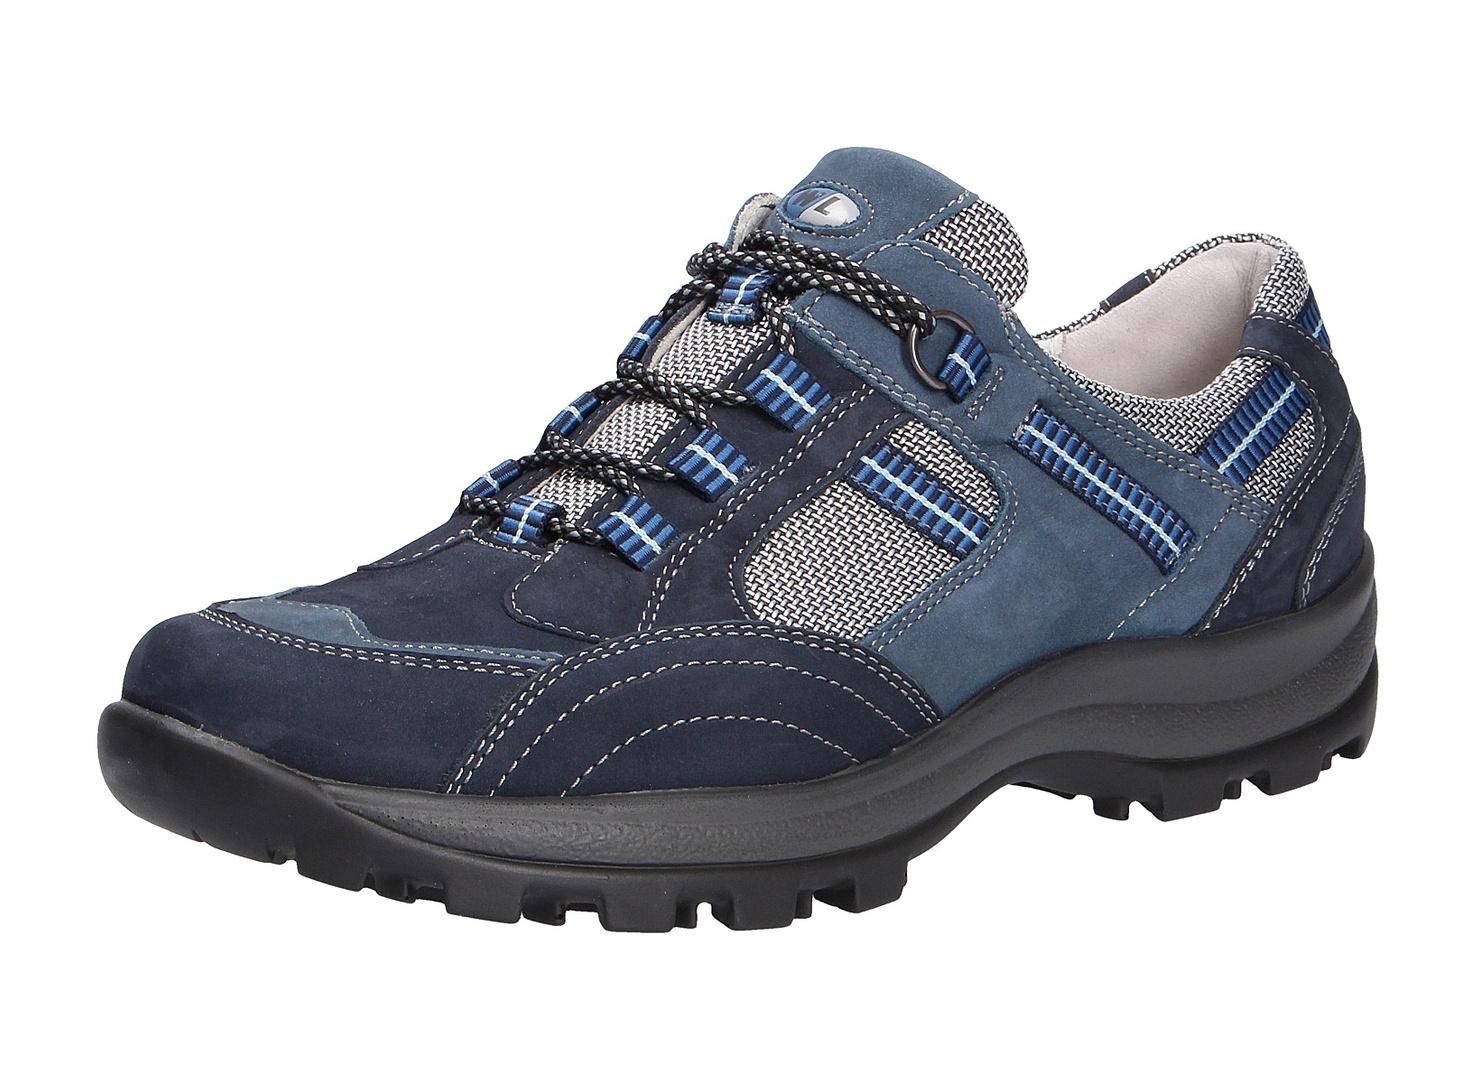 Waldläufer Schuhe online günstig kaufen | Hier finden Sie